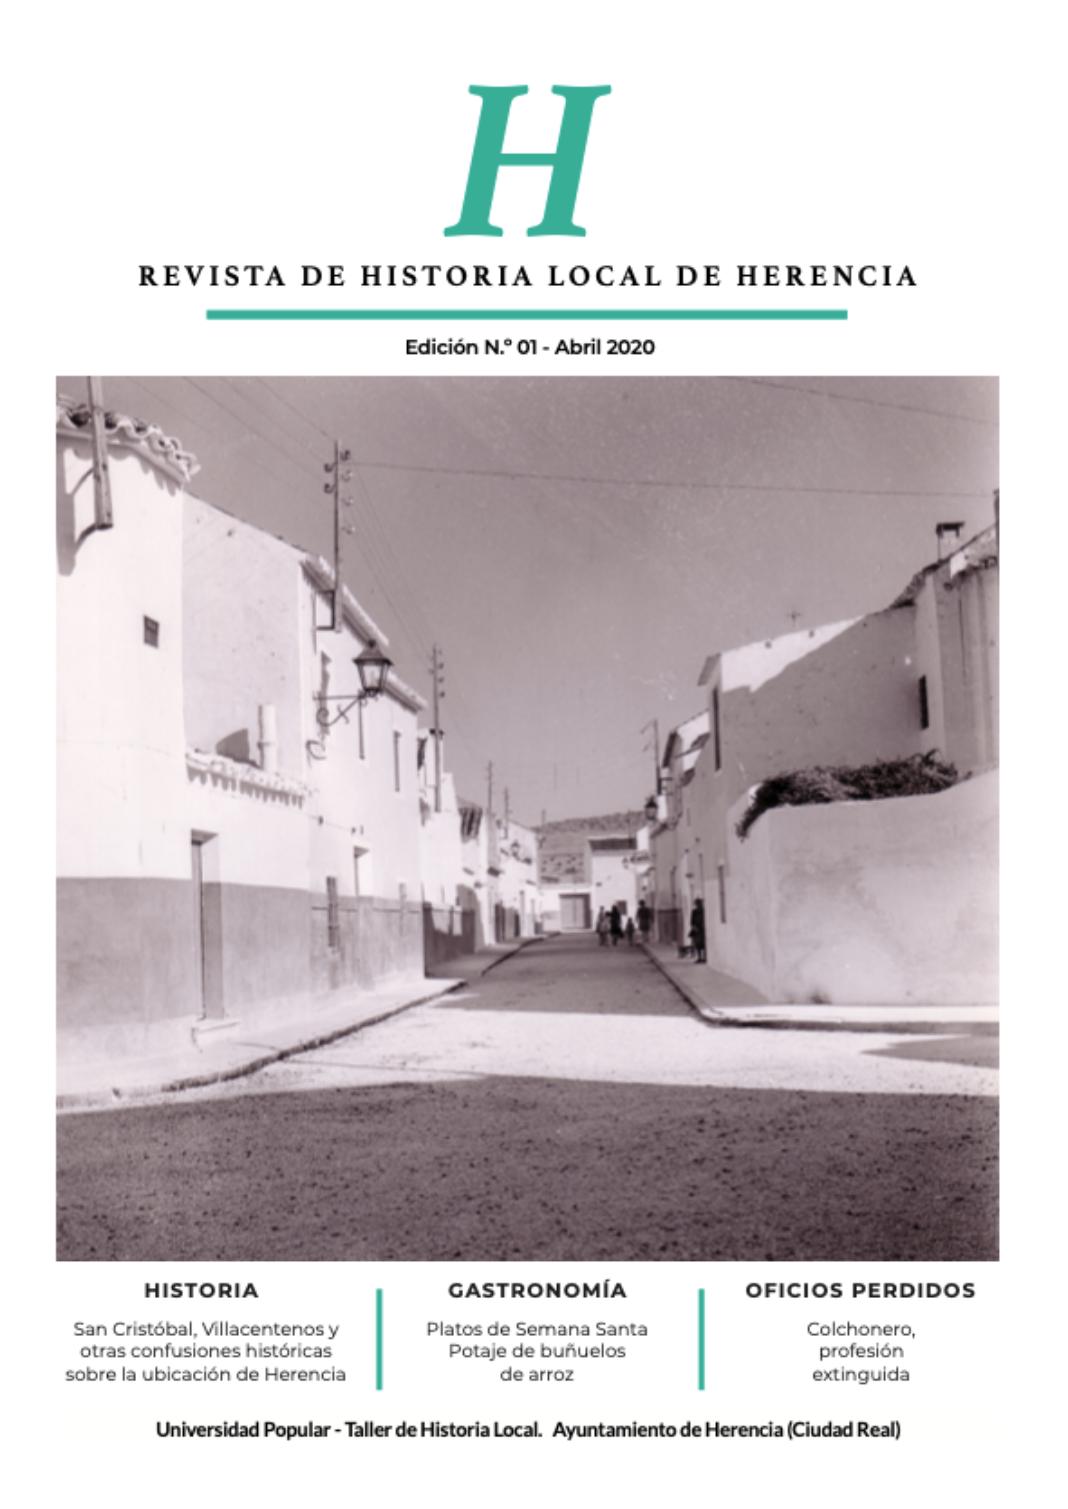 H revista de Historia Local de Herencia 1068x1509 - La Universidad Popular, a través del Taller de Historia Local, lanza una revista sobre la historia y el patrimonio de Herencia